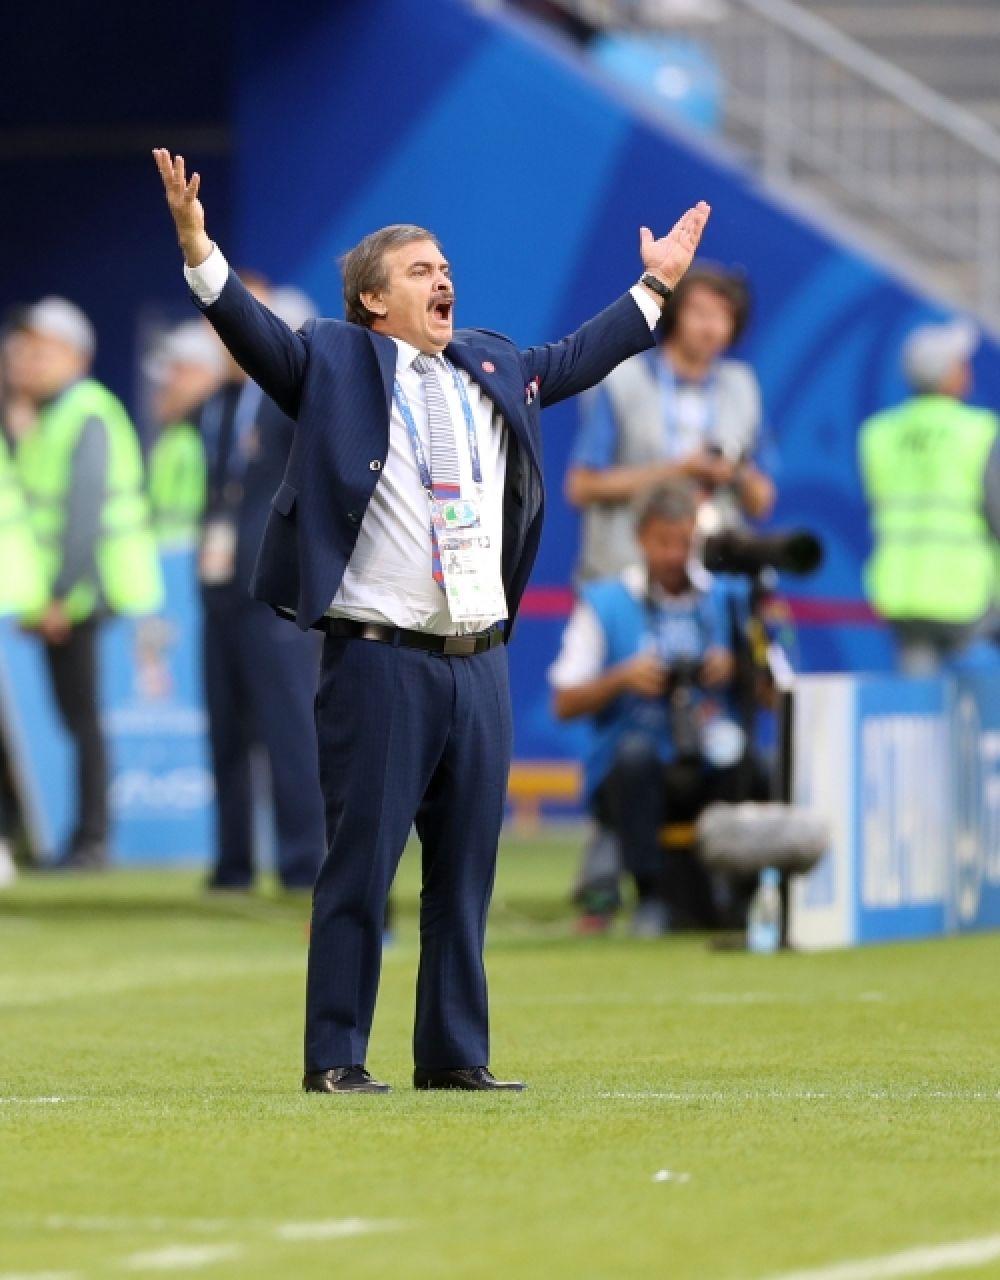 Главный тренер сборной Коста-Рики Оскар Рамирес.